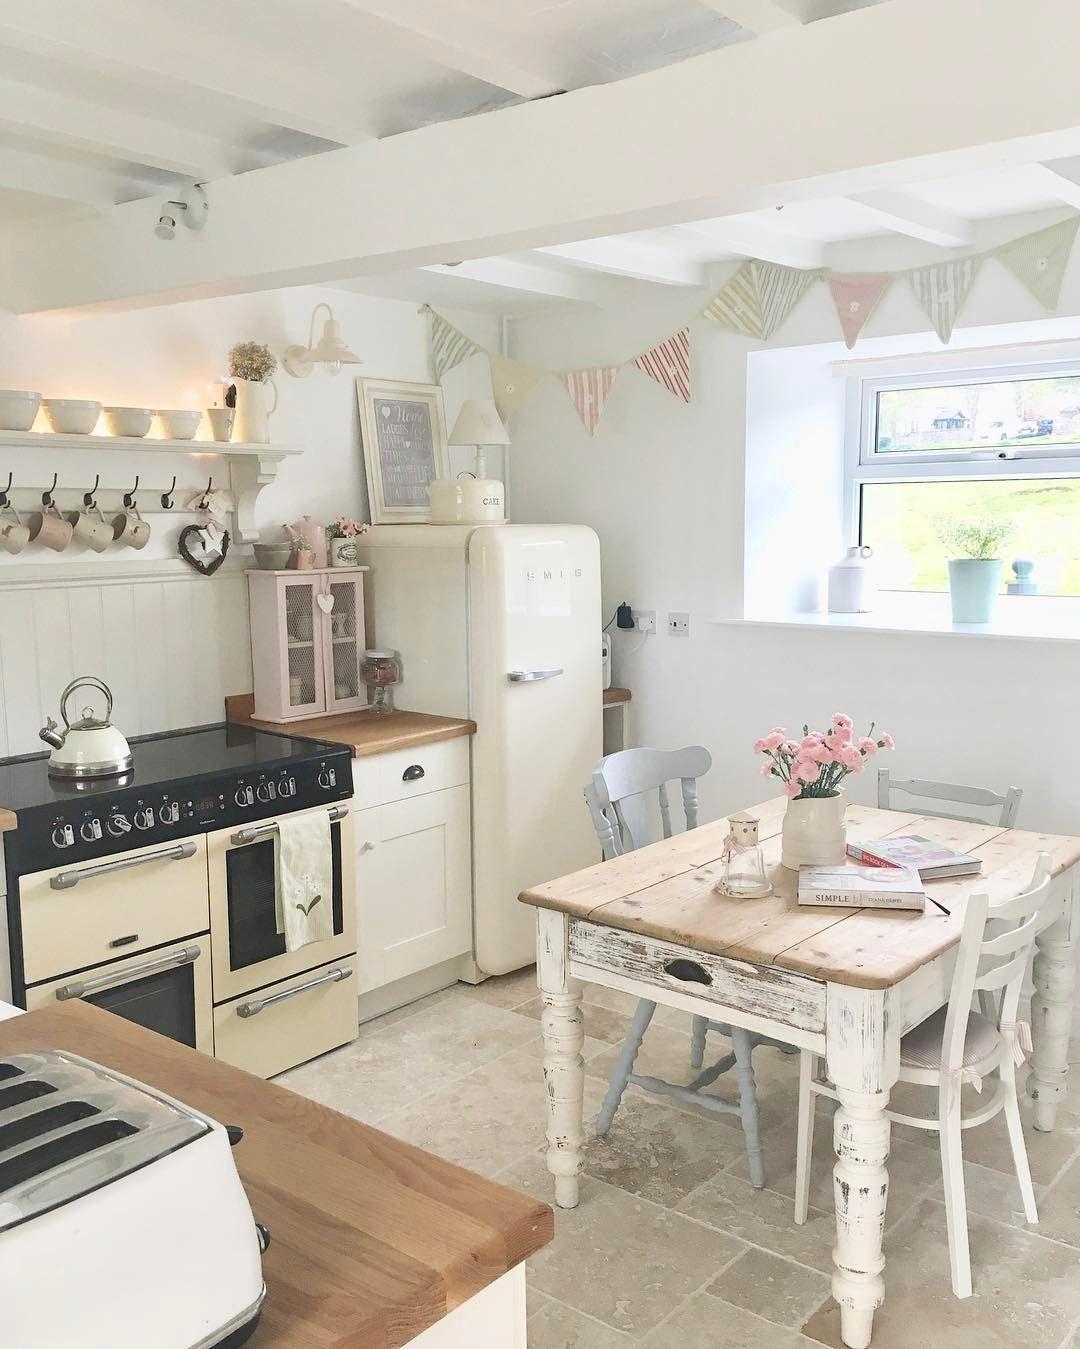 Cocina campestre | Ambientes | Pinterest | Cocinas, Decoración y Casas